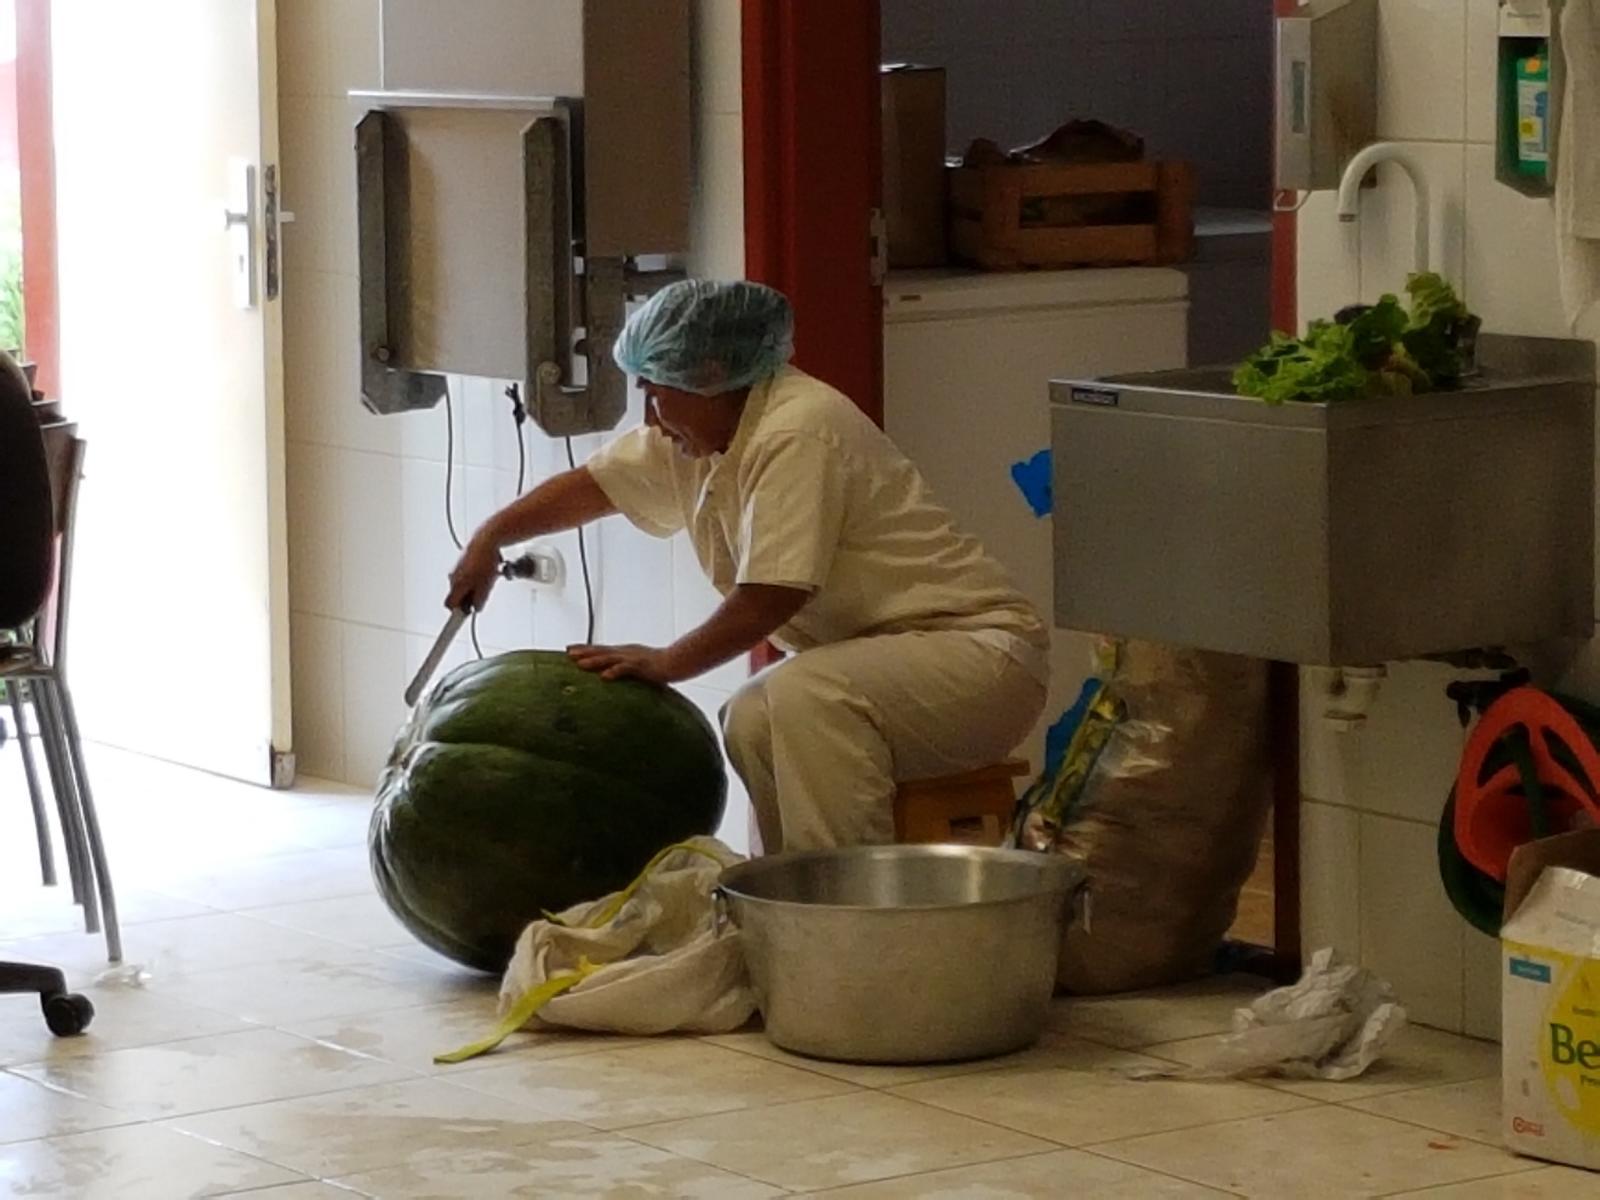 Ein häufiges Gemüse in der peruanischen Küche: Kürbis.